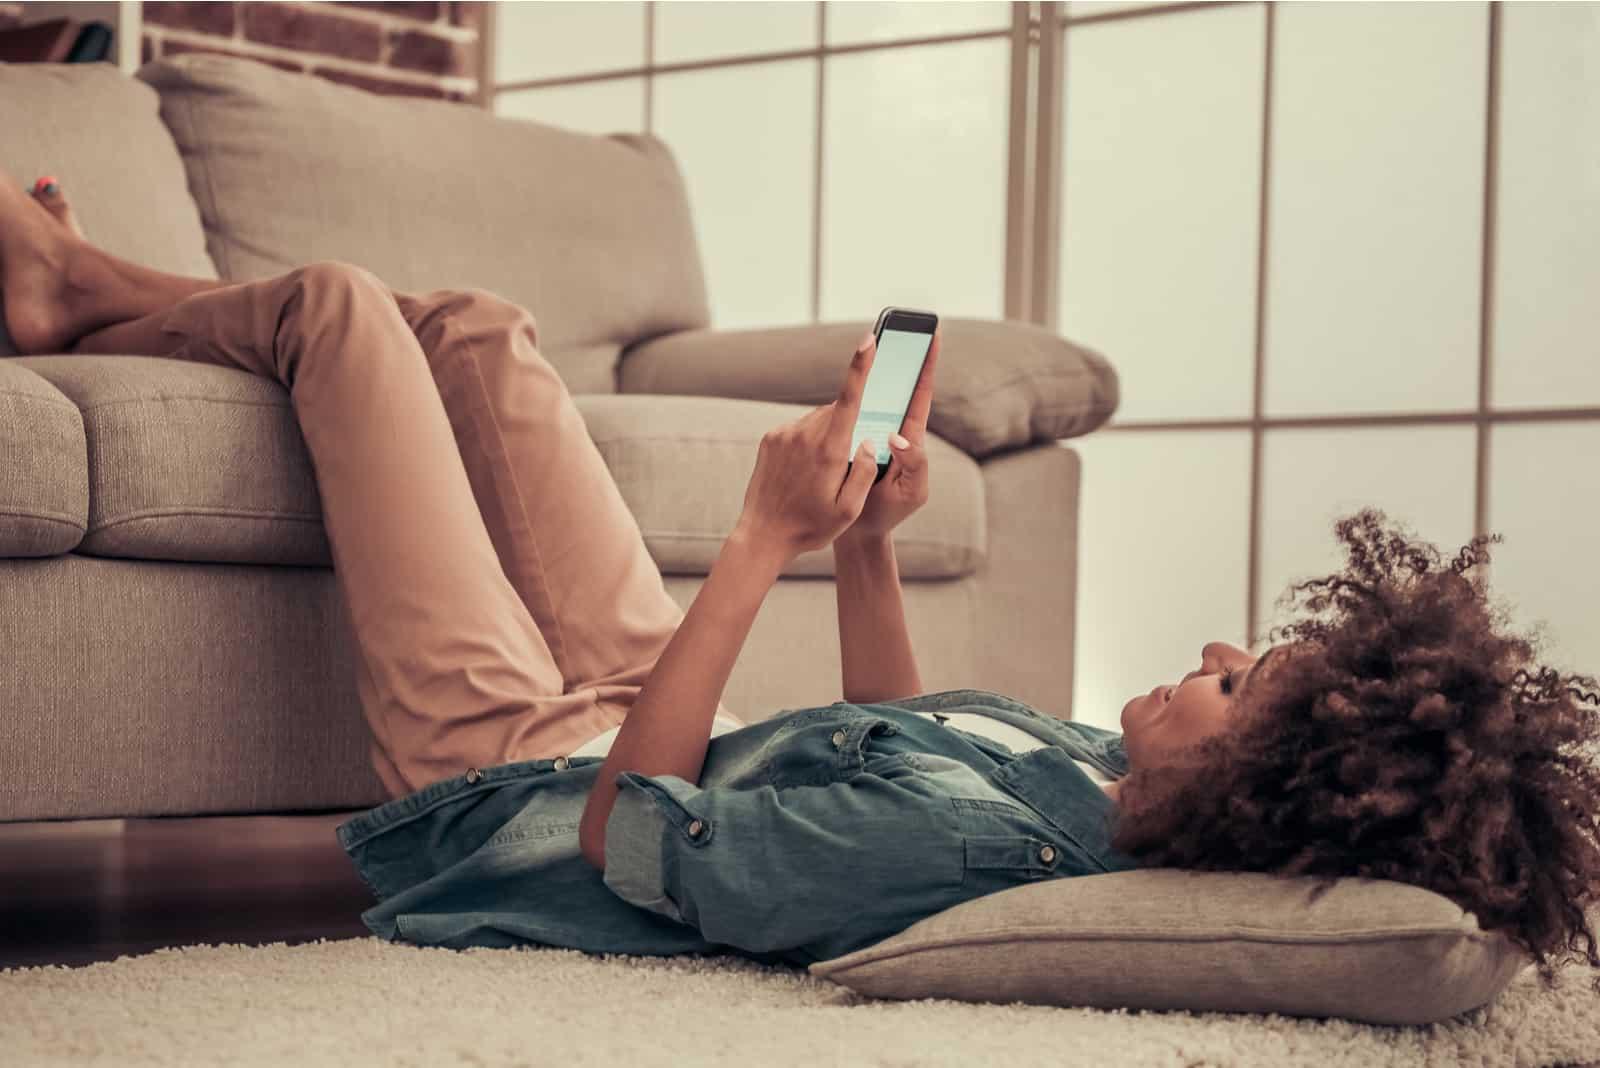 Une femme aux cheveux crépus se trouve sur le sol et tient le téléphone dans sa main